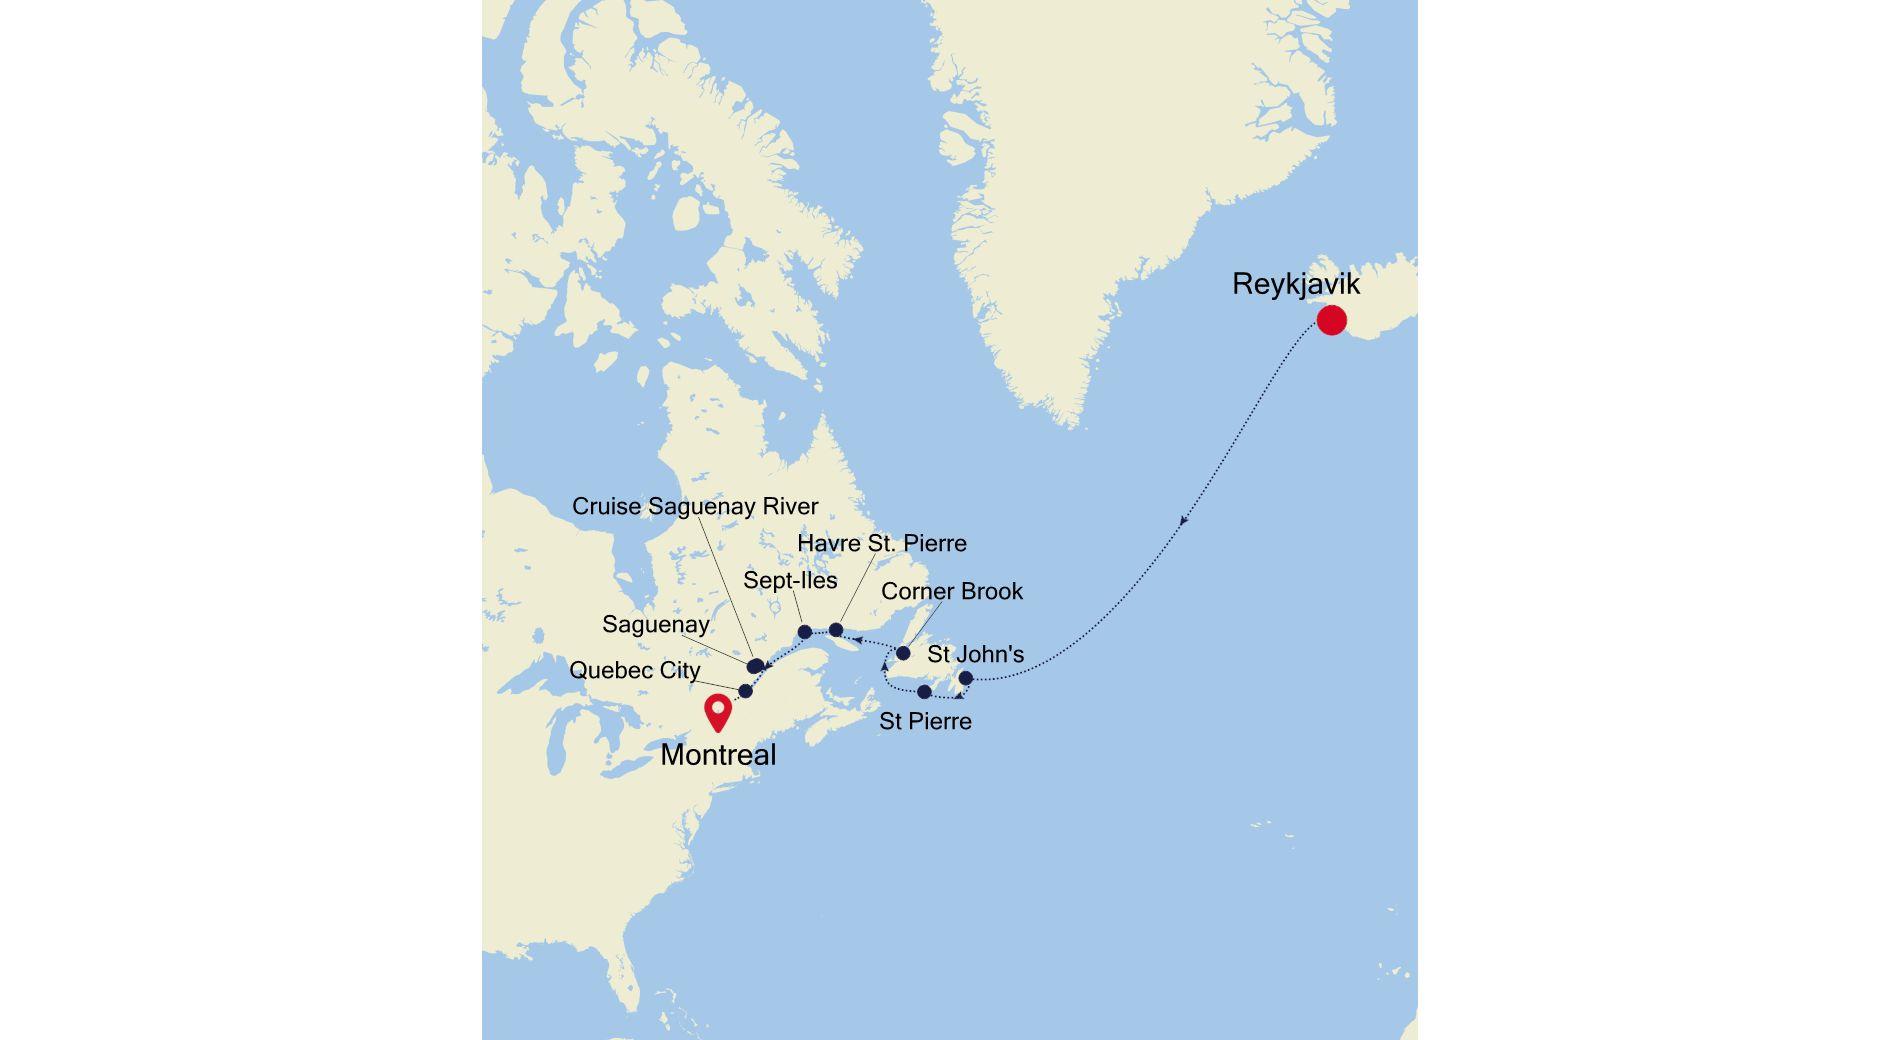 2925 - Reykjavik to Montreal